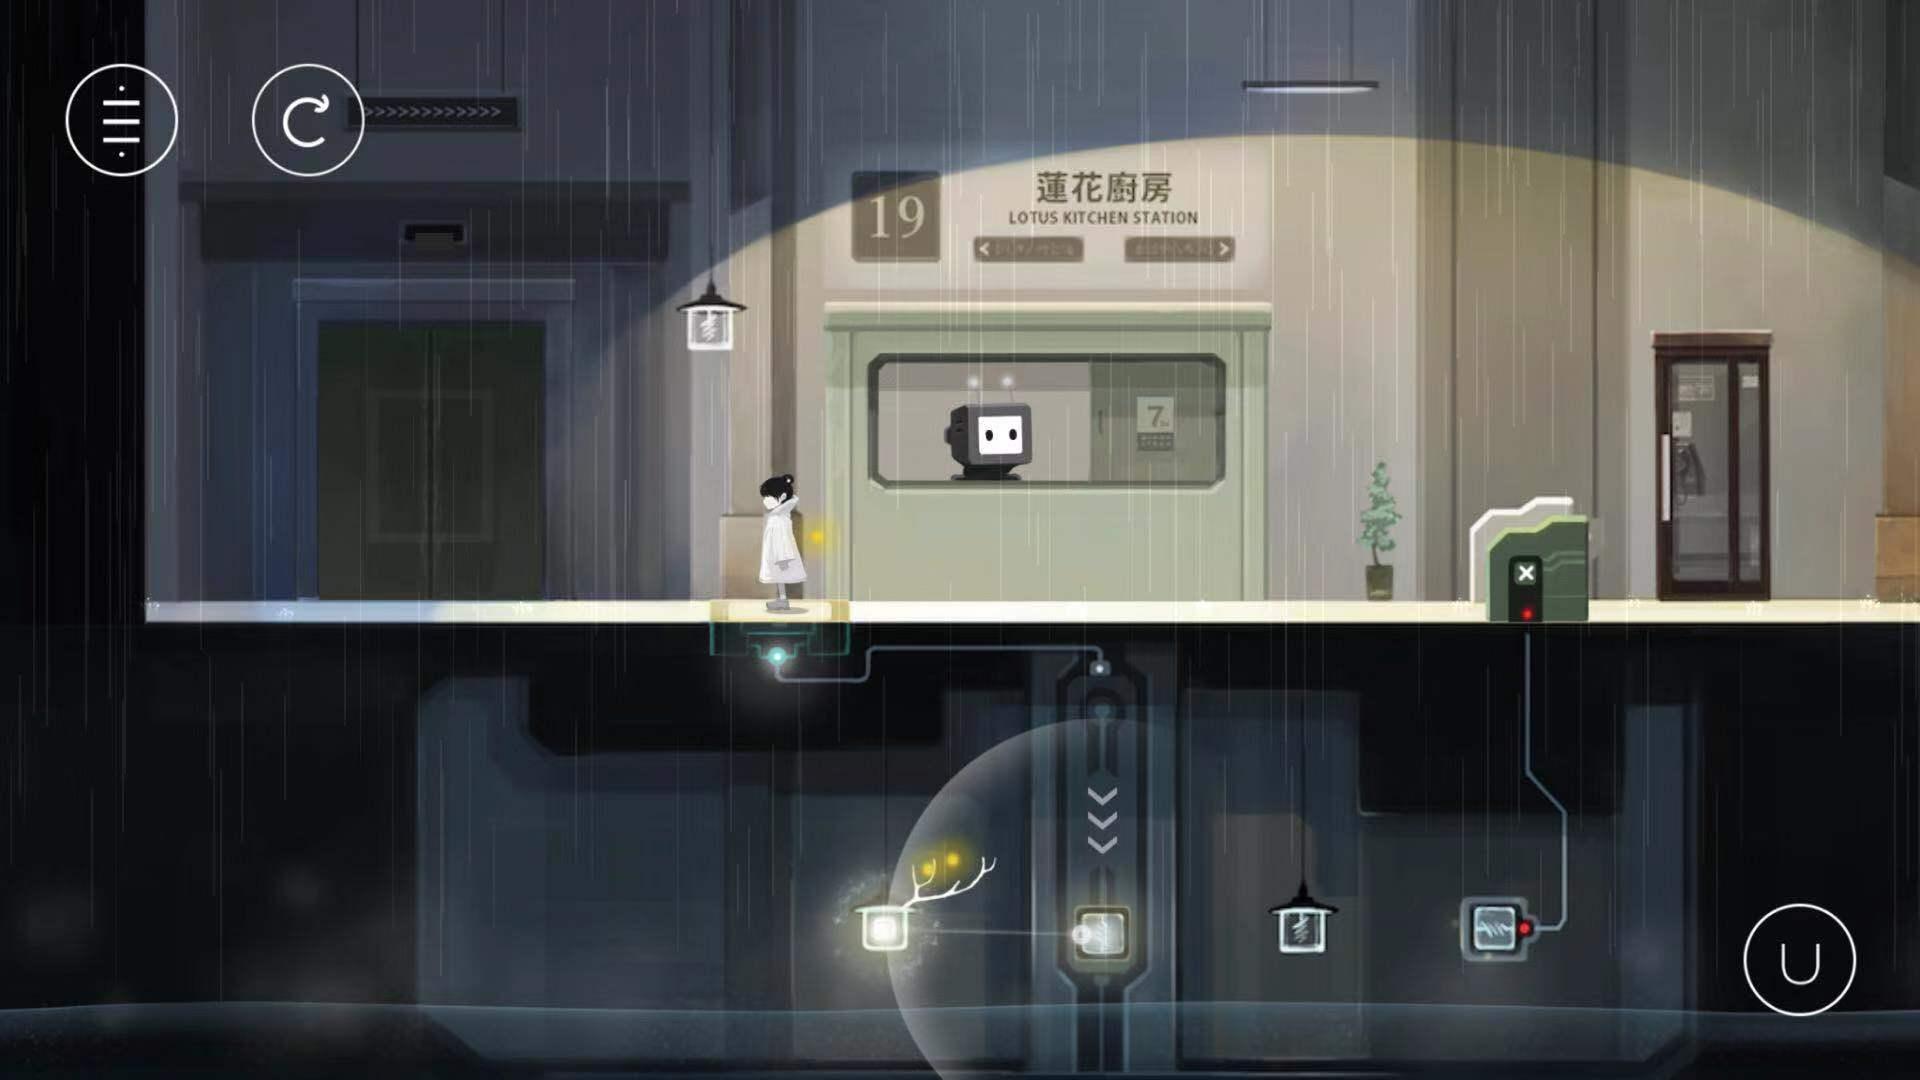 莲花火车站S级通关 雨纪第五层怎么过